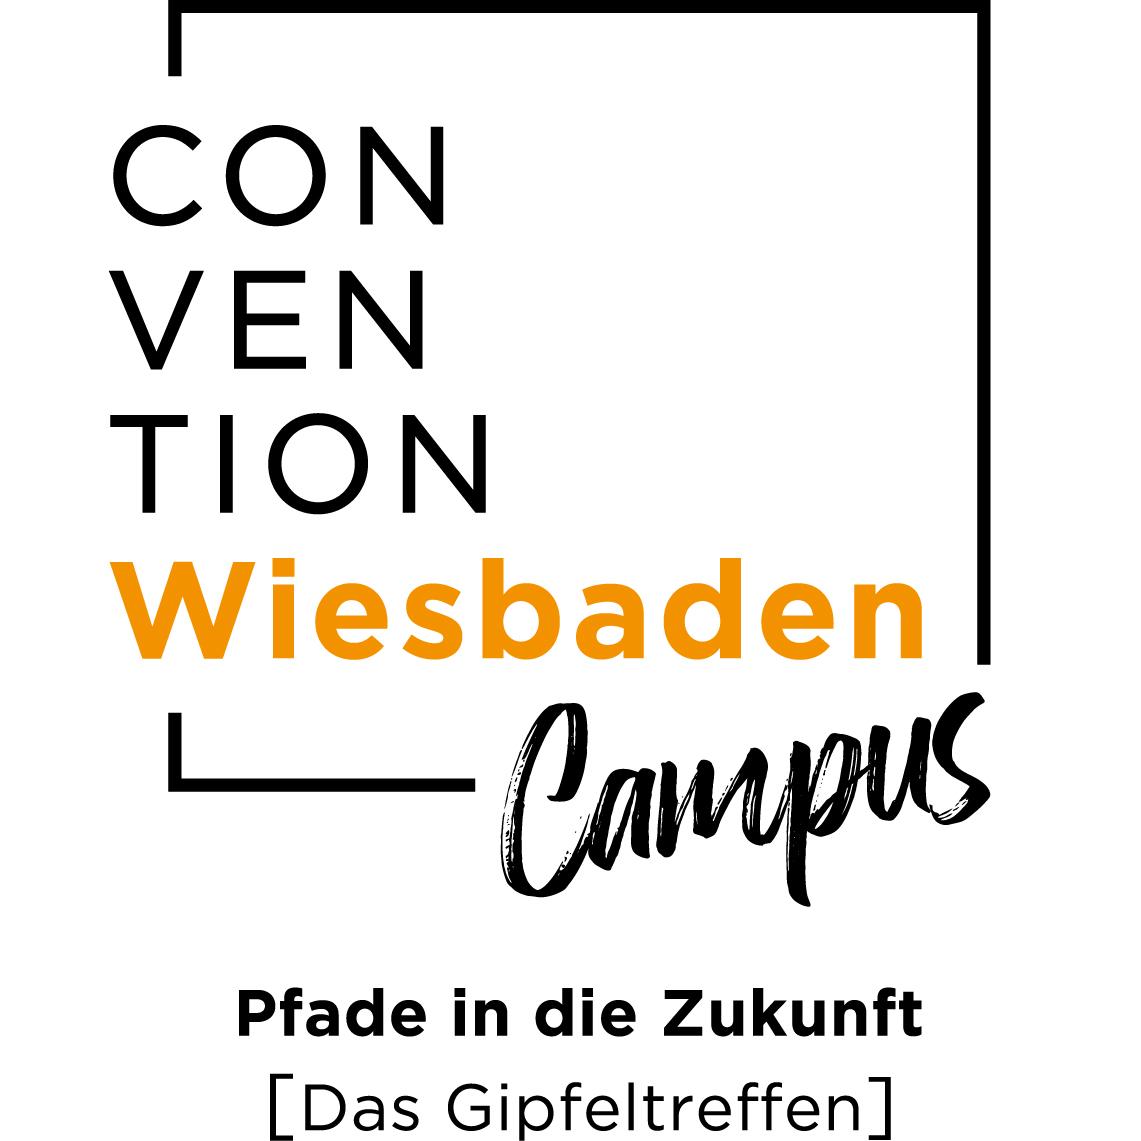 Convention Wiesbaden Campus